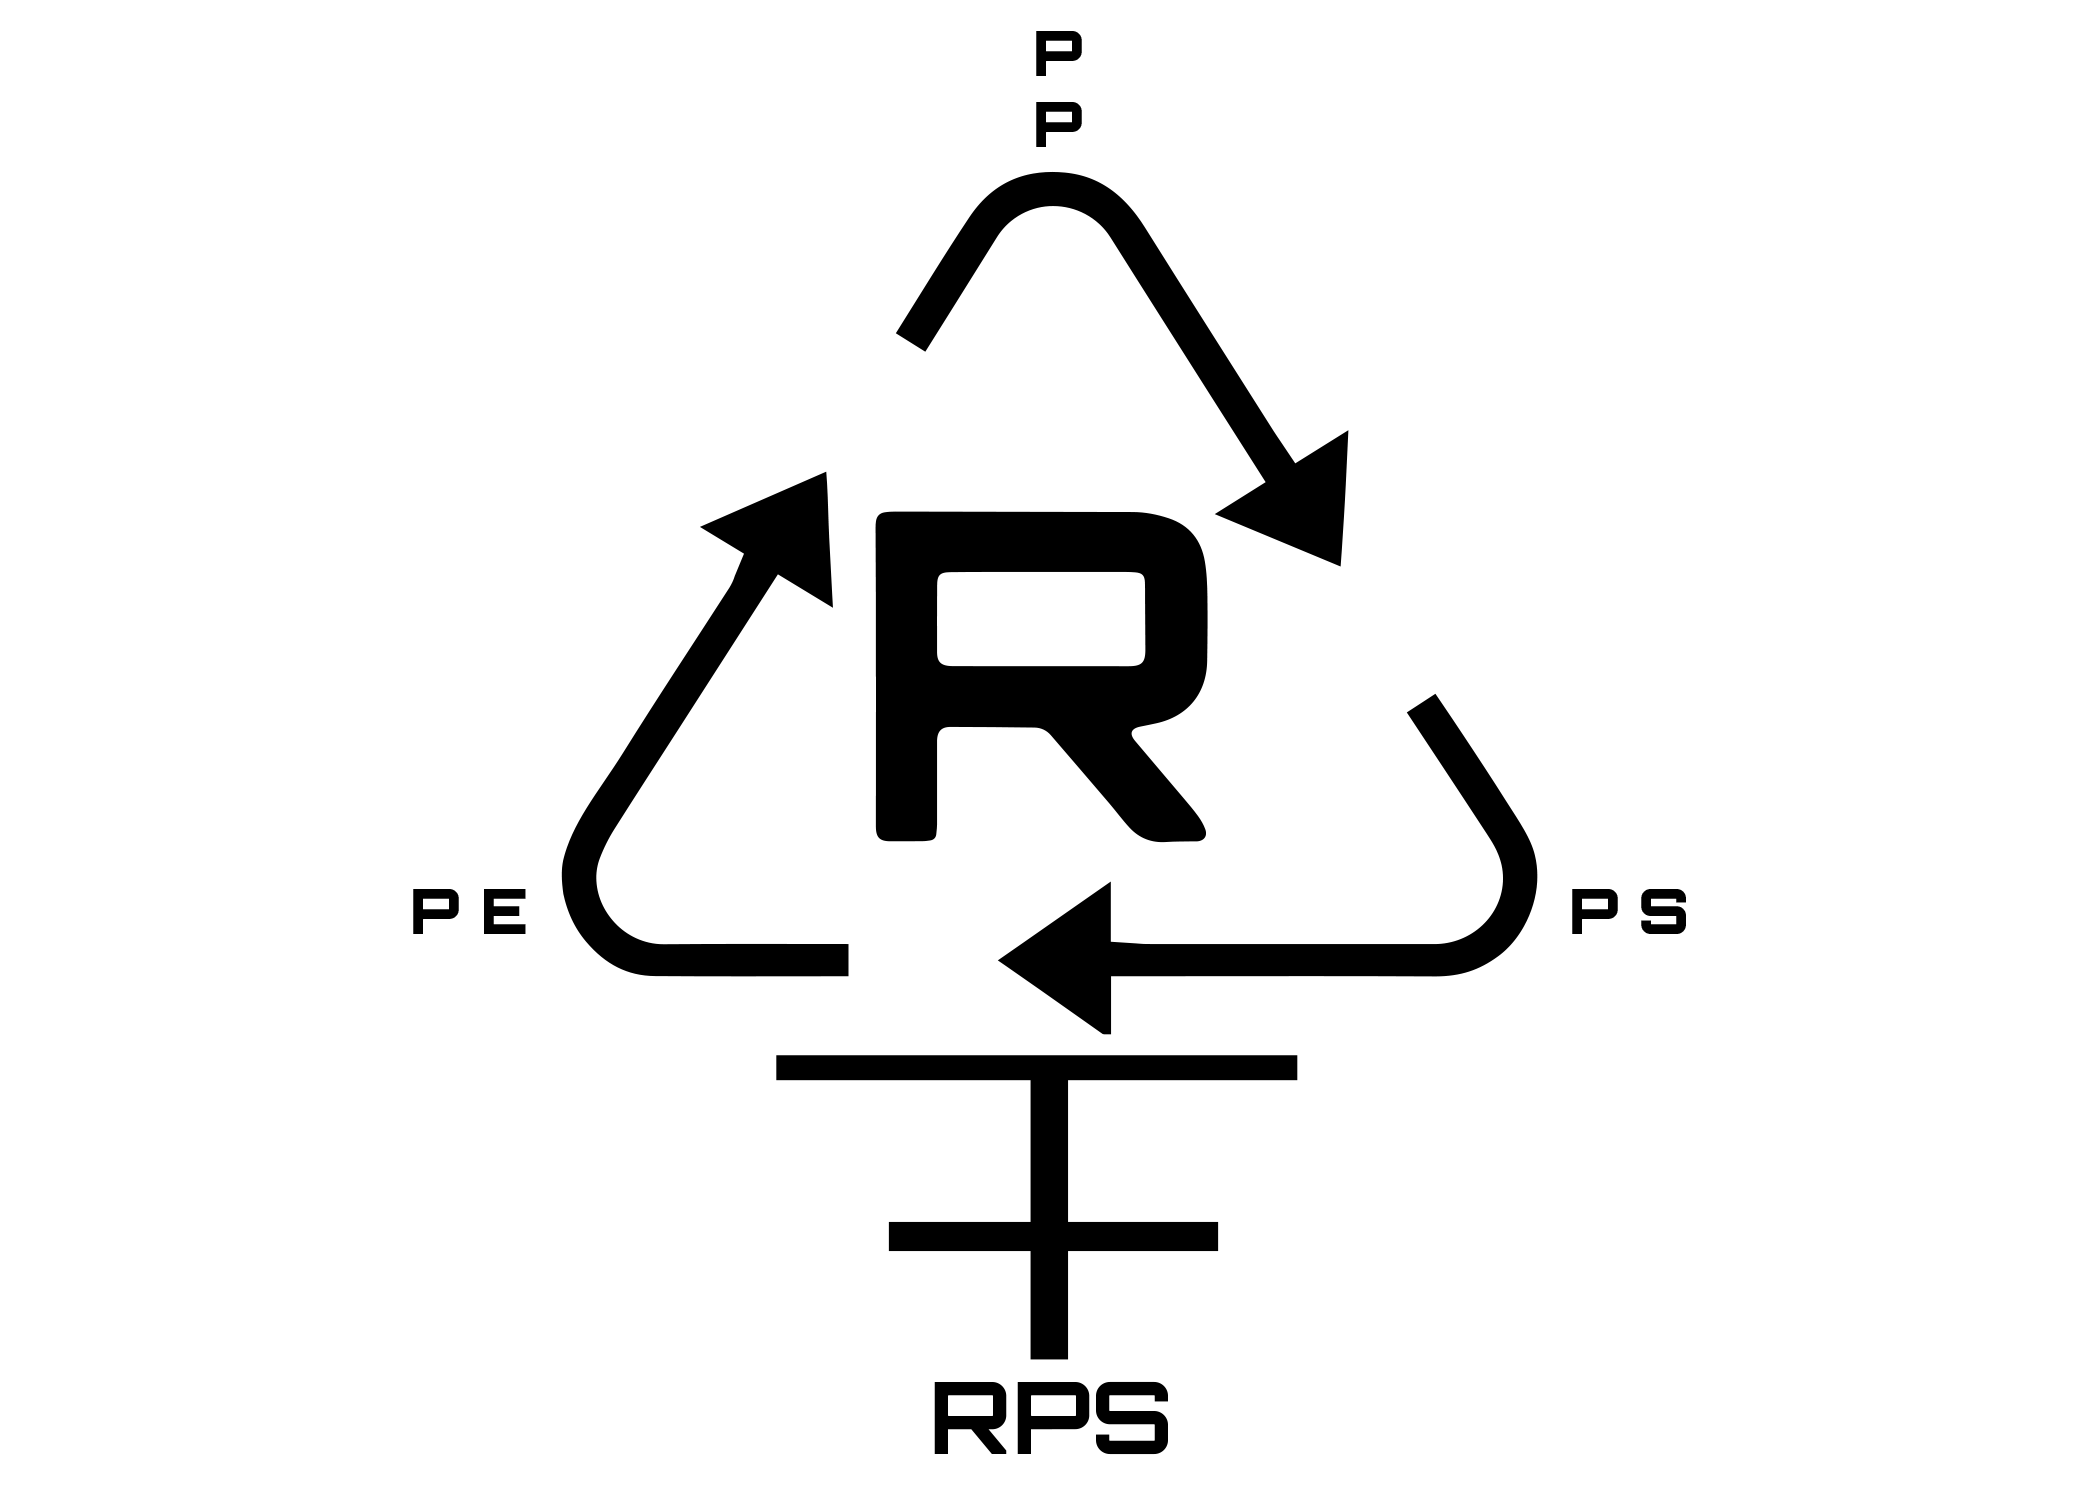 RPS CHA GC Crotch Shot.jpg